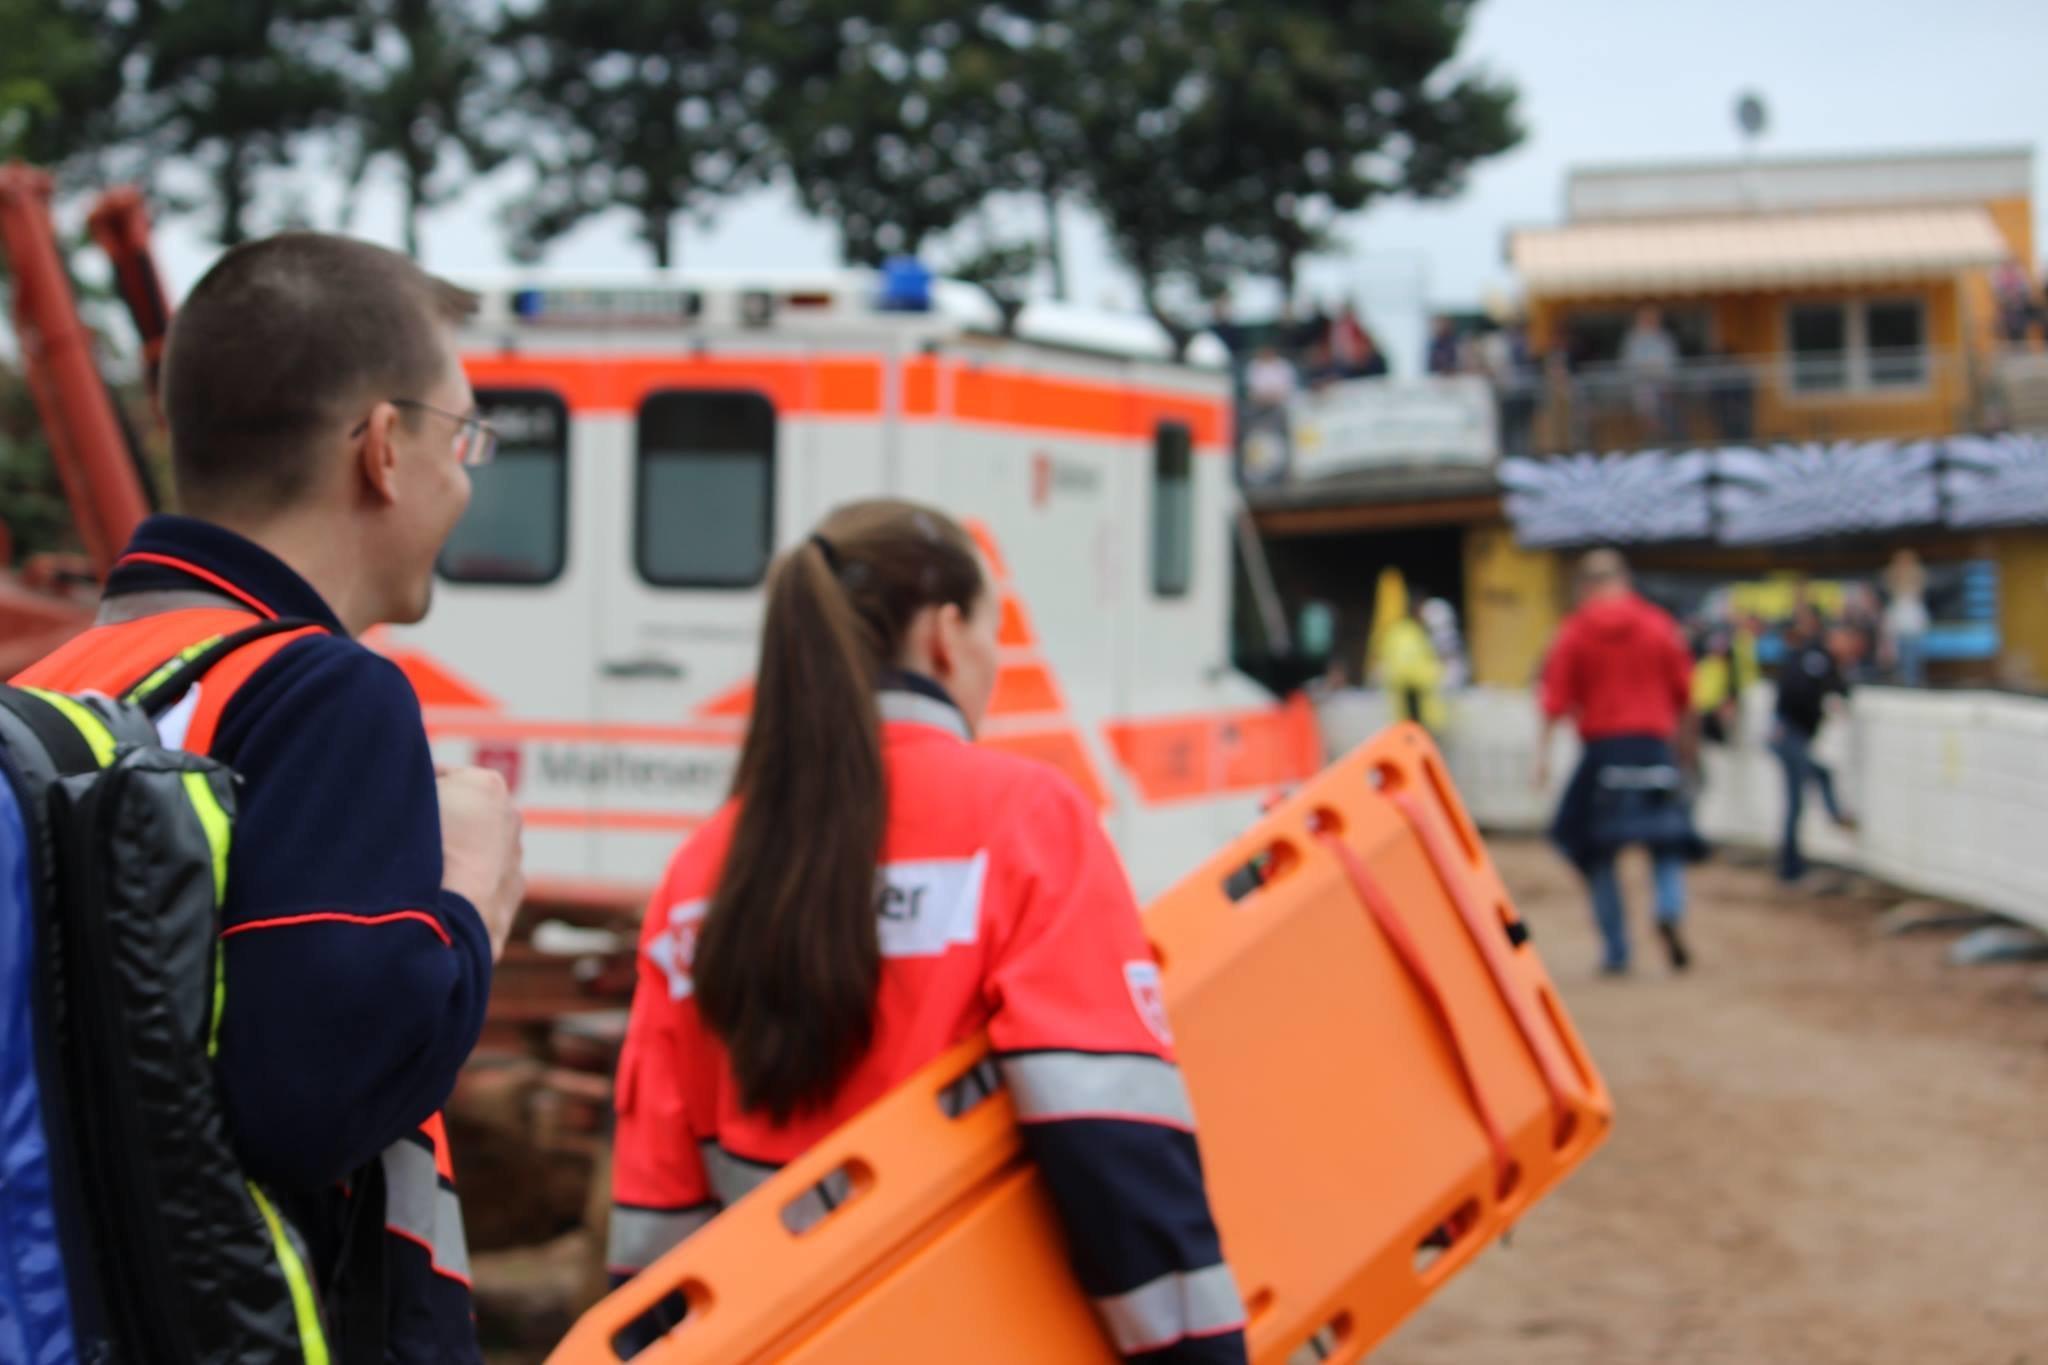 Sanitäter wollen nach Einsatz zurück in den Krankenwagen, dann entdecken sie eine dreiste Nachricht